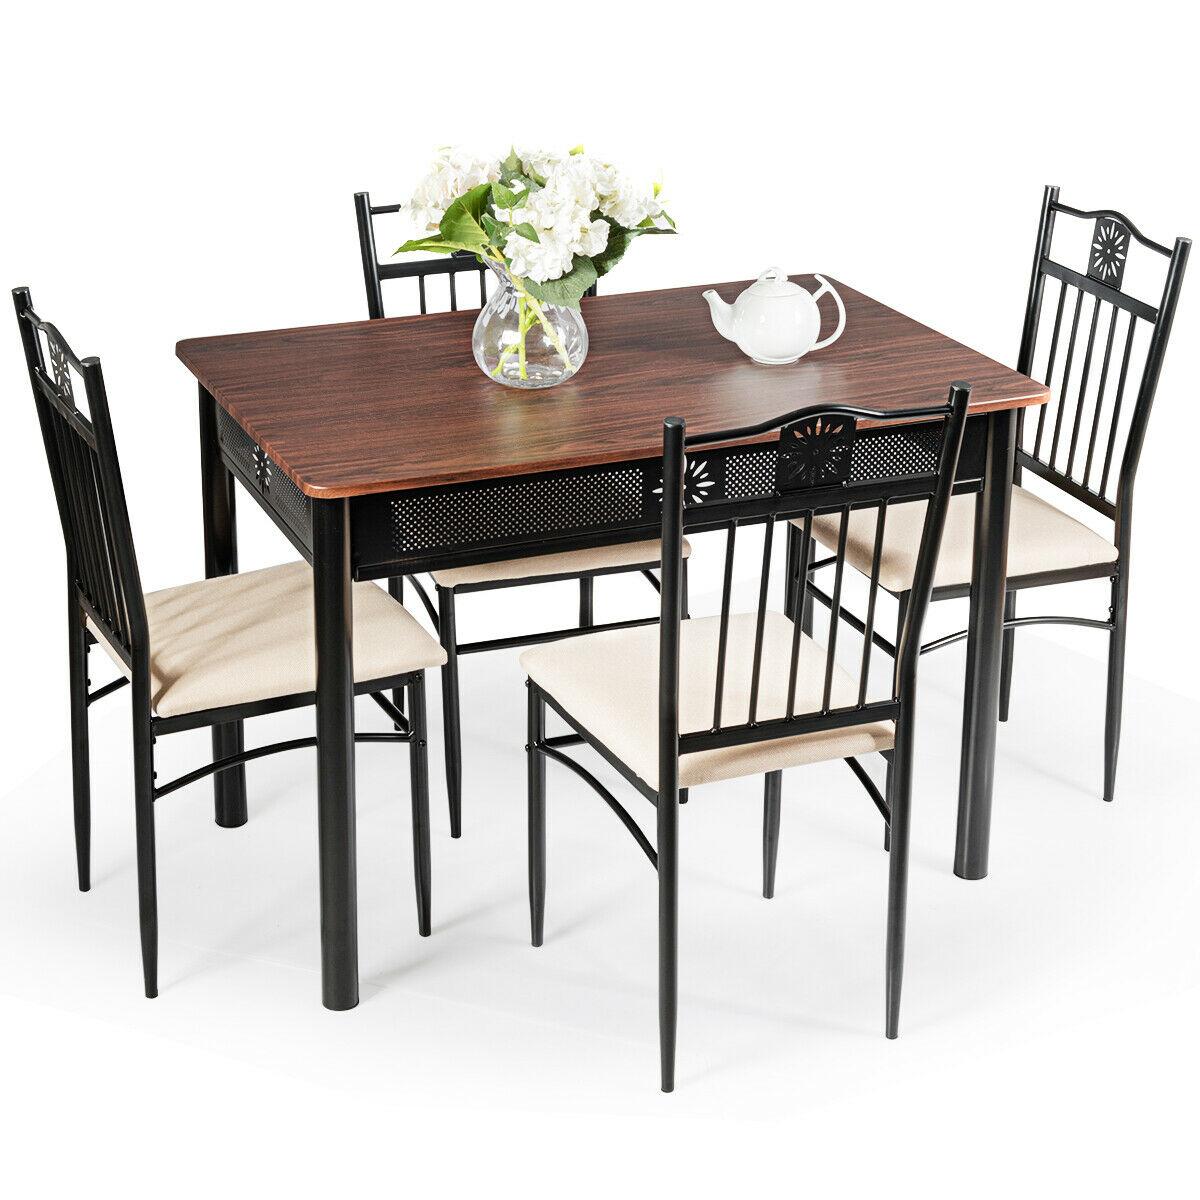 Costway-طاولة طعام خشبية معدنية ، 5 قطع ، 4 كراسي ، أثاث المطبخ لتناول الإفطار